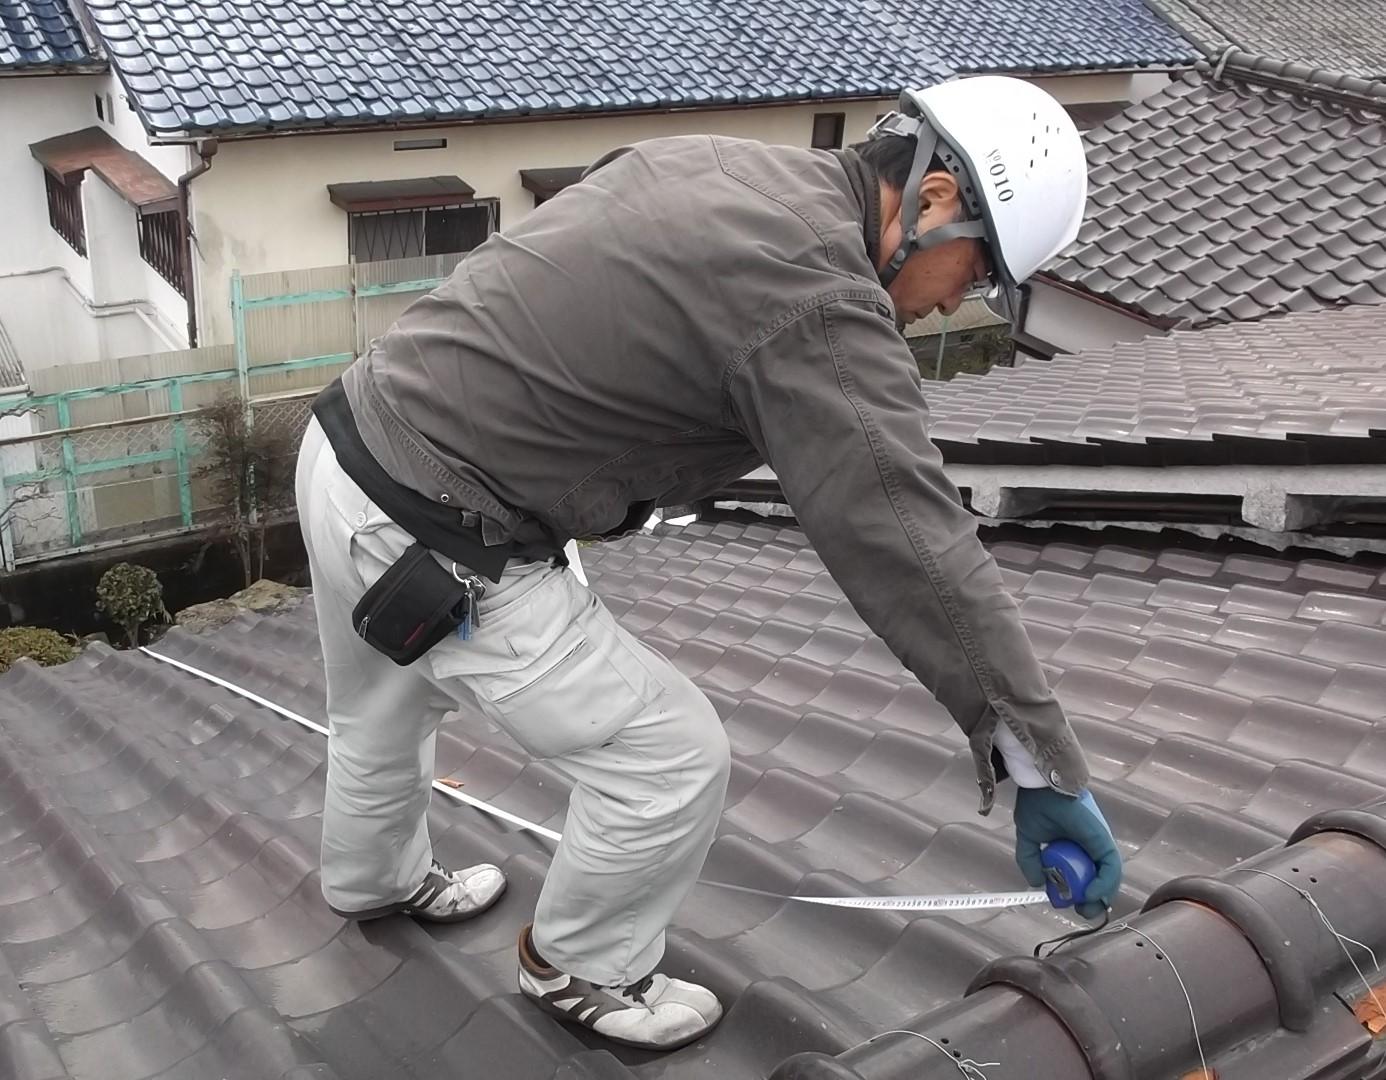 屋根からの雨漏れや葺き替え検討されている方からは調査費用を頂いておりません